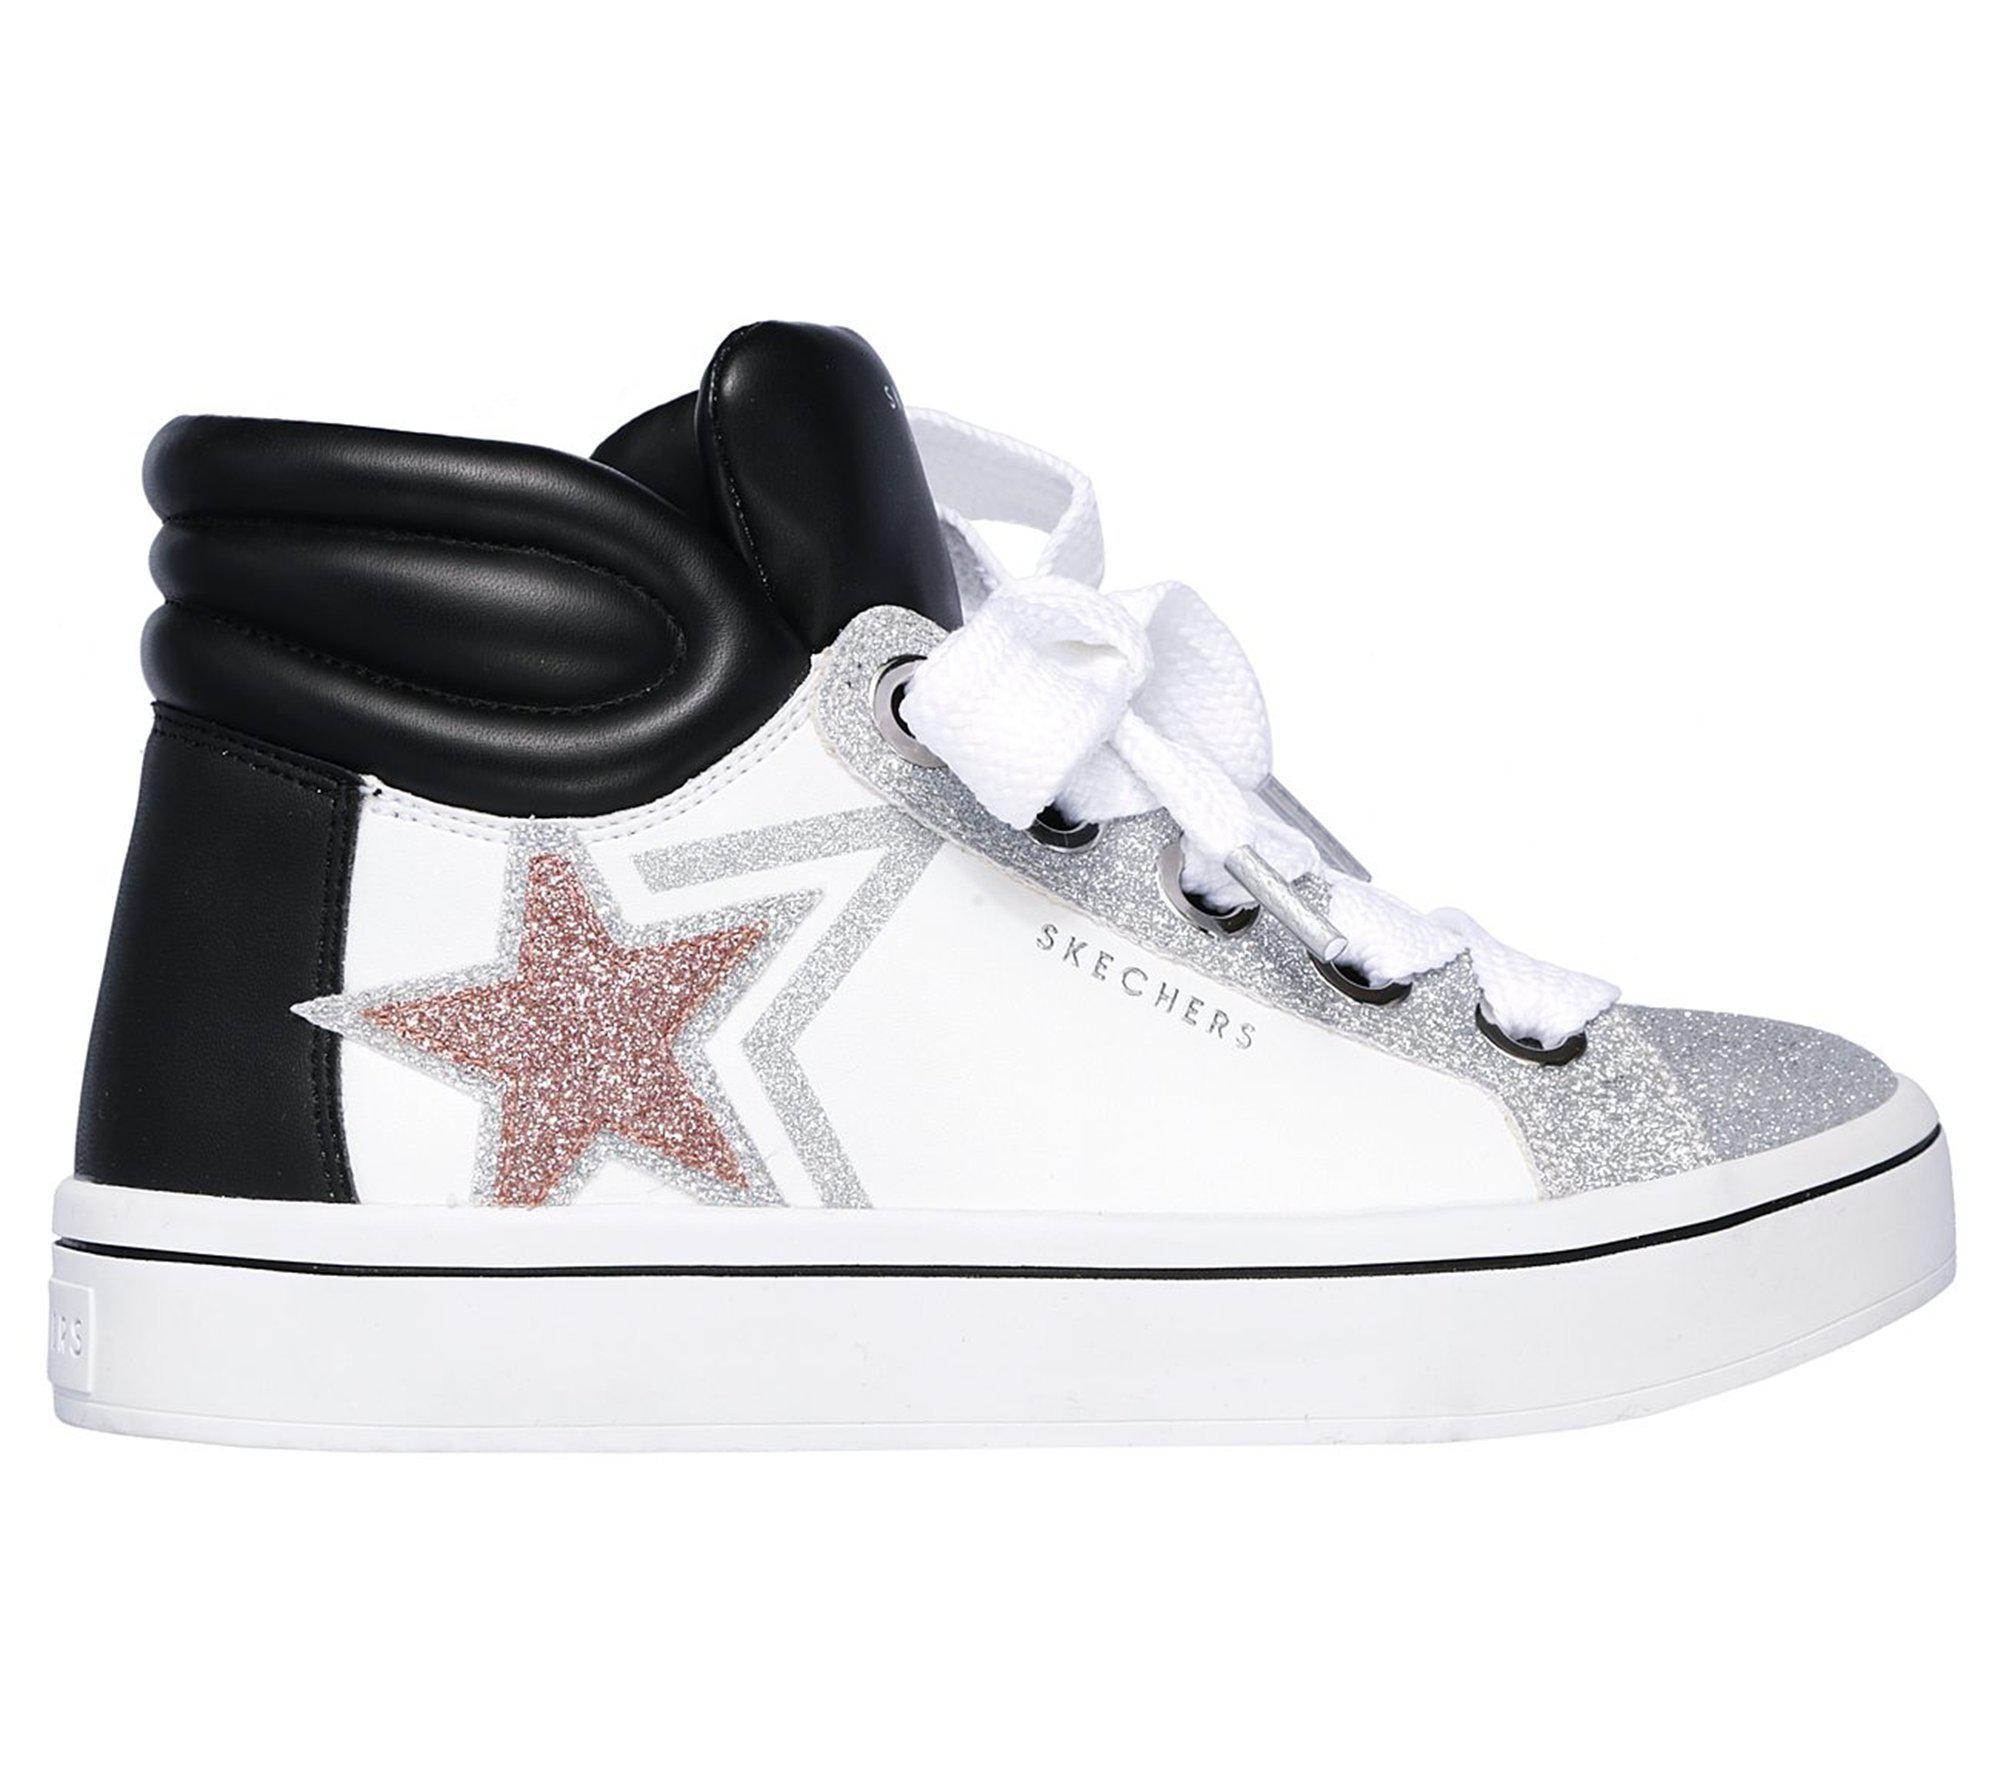 Skechers White Hi lites Star Stunner Low Lyst